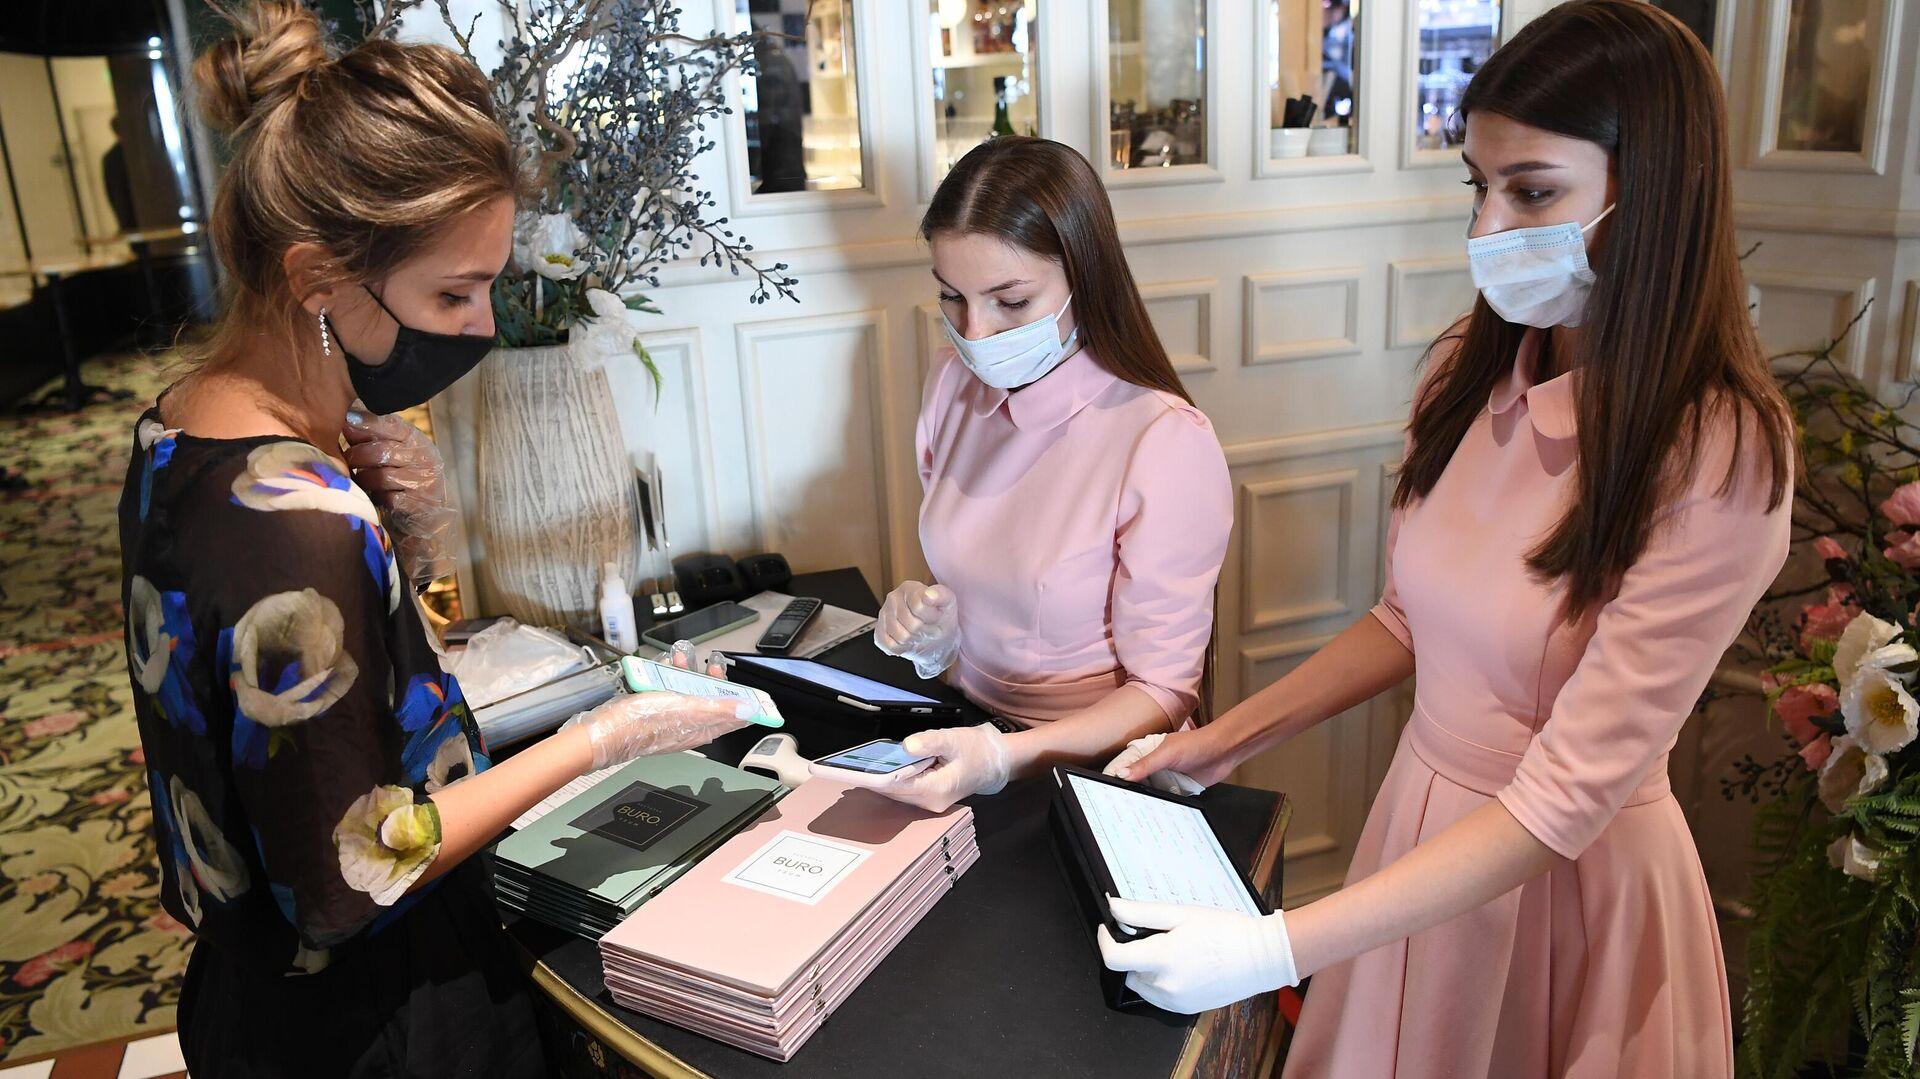 Хостес проверяет наличие и подлинность QR-кода у посетительницы перед посадкой за столик в ресторане BURO TSUM в Москве - РИА Новости, 1920, 07.07.2021